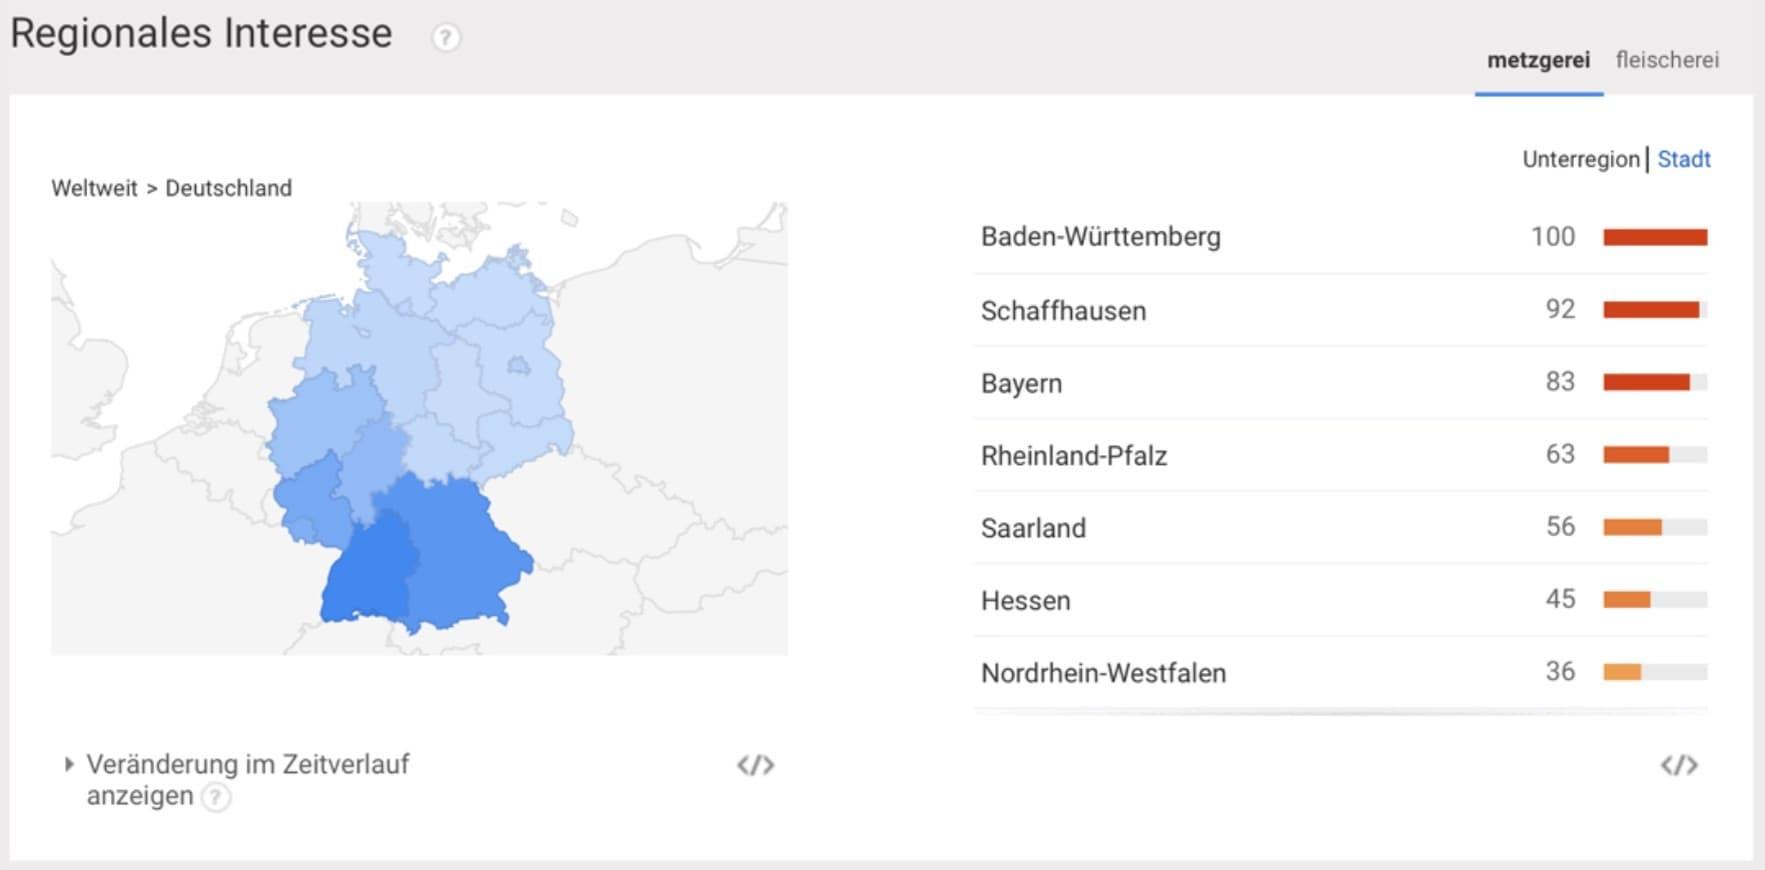 Regionales Interesse des Keywords Metzgerei in Deutschland bei Google Trends